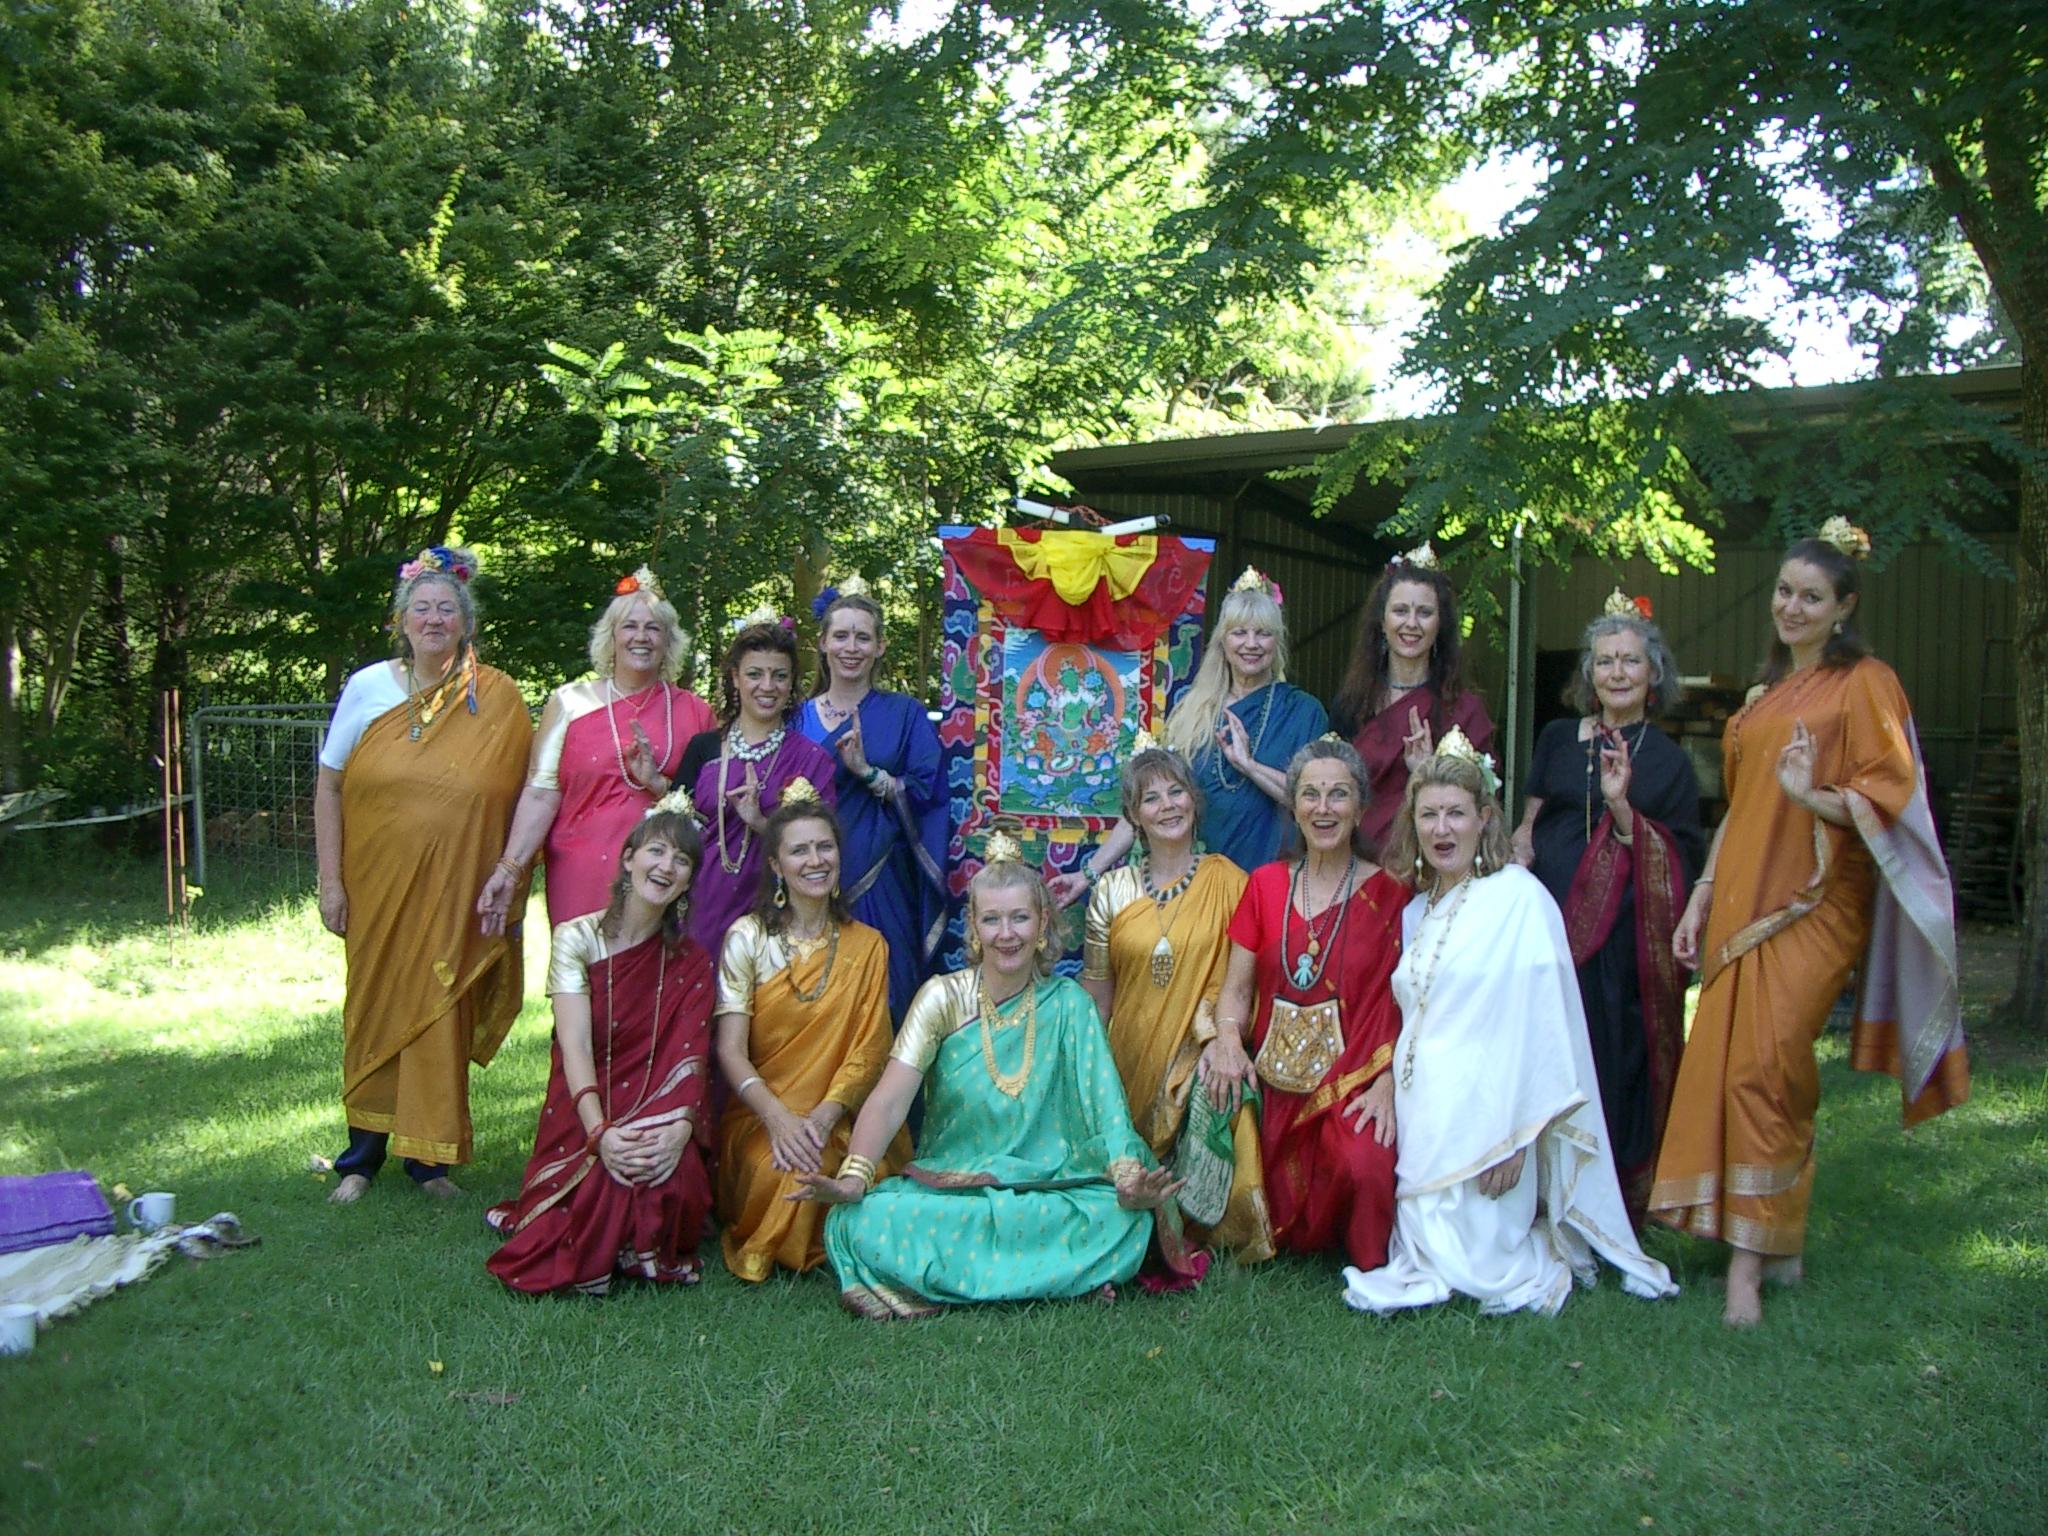 Tara Dancing, Spiritual Sacred Dancing to the 21 Praises of Tara, the blessed feminine.JPG